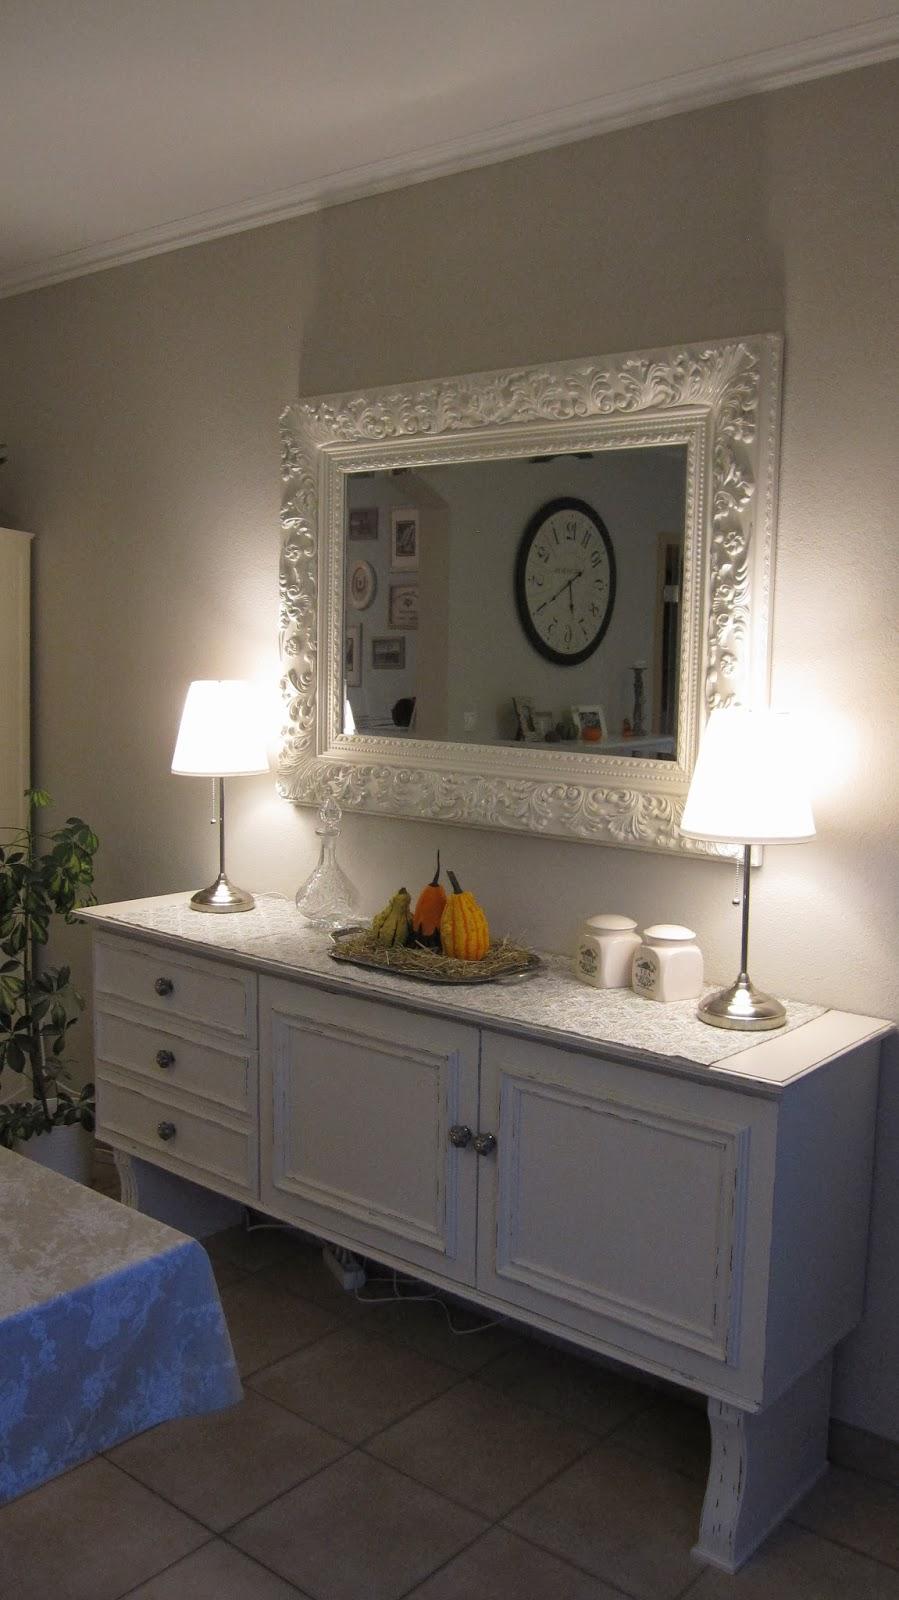 kleines gelbes haus ikea hack arstid leuchte mit rattan. Black Bedroom Furniture Sets. Home Design Ideas